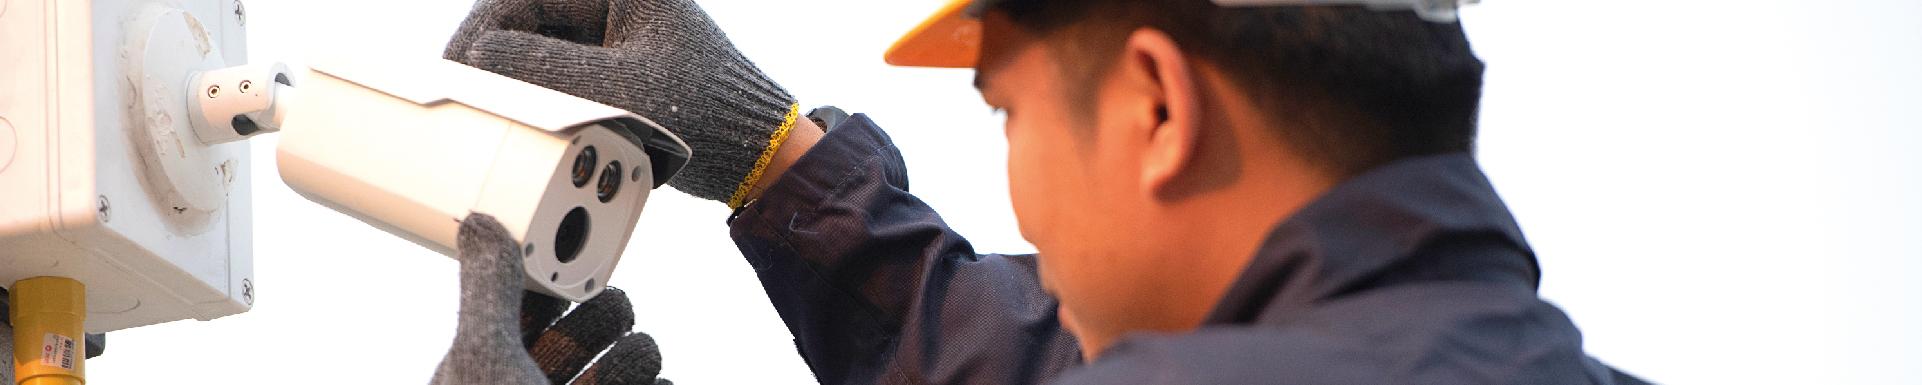 mantenimiento de camaras de seguridad